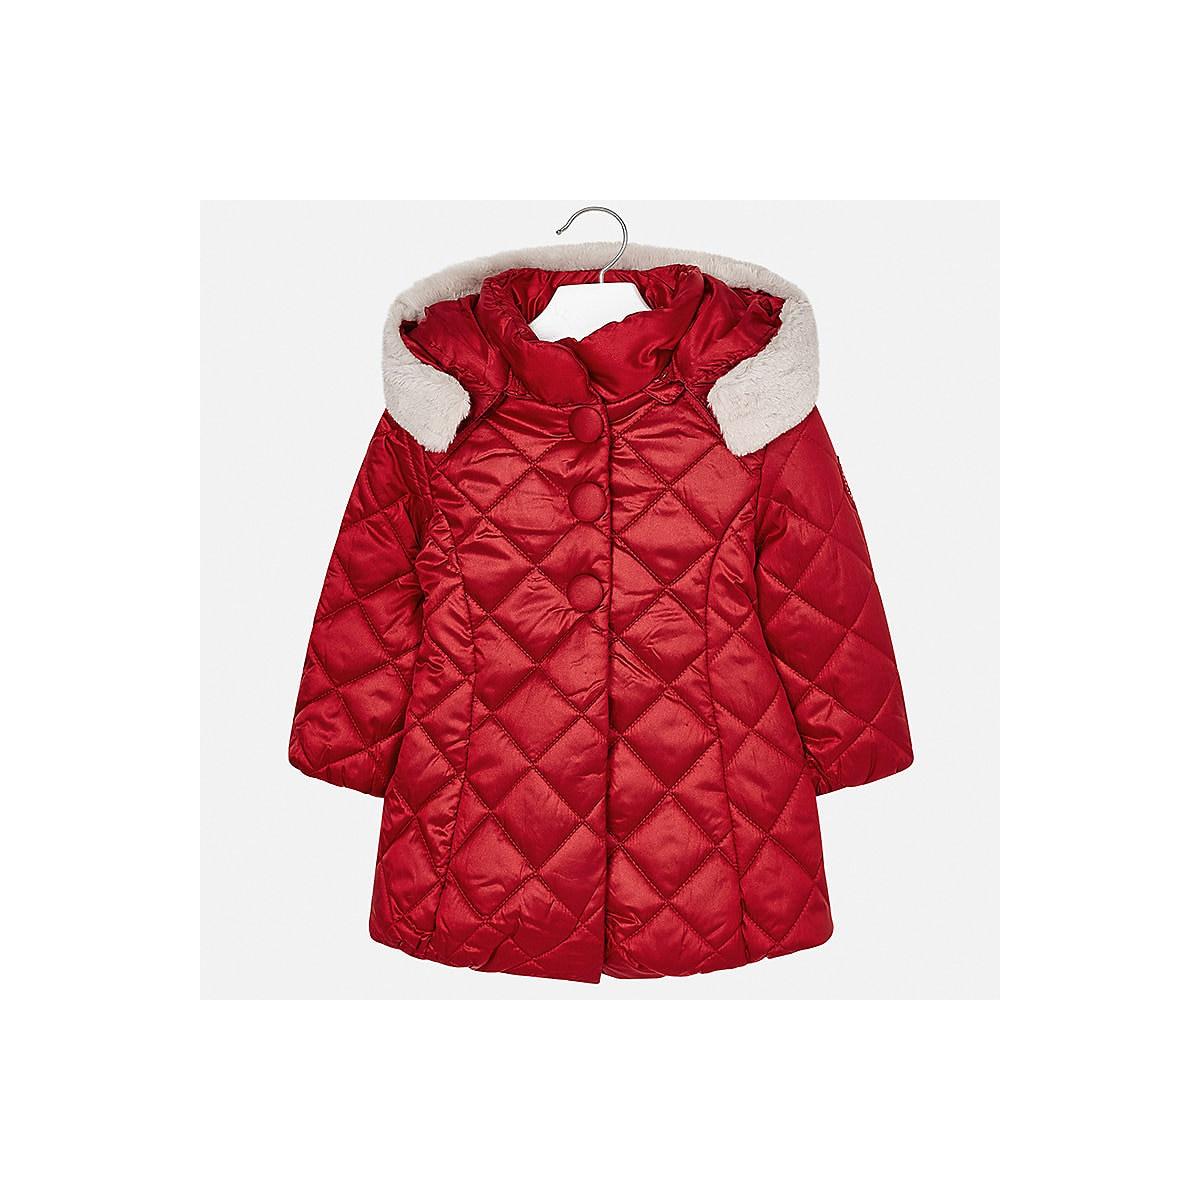 MAYORAL Giacche, Giacconi e Cappotti 8849537 giacca per la ragazza del ragazzo del cappotto del bambino dei vestiti dei bambini abbigliamento outwear il trasporto libero delle ragazze dei ragazzi